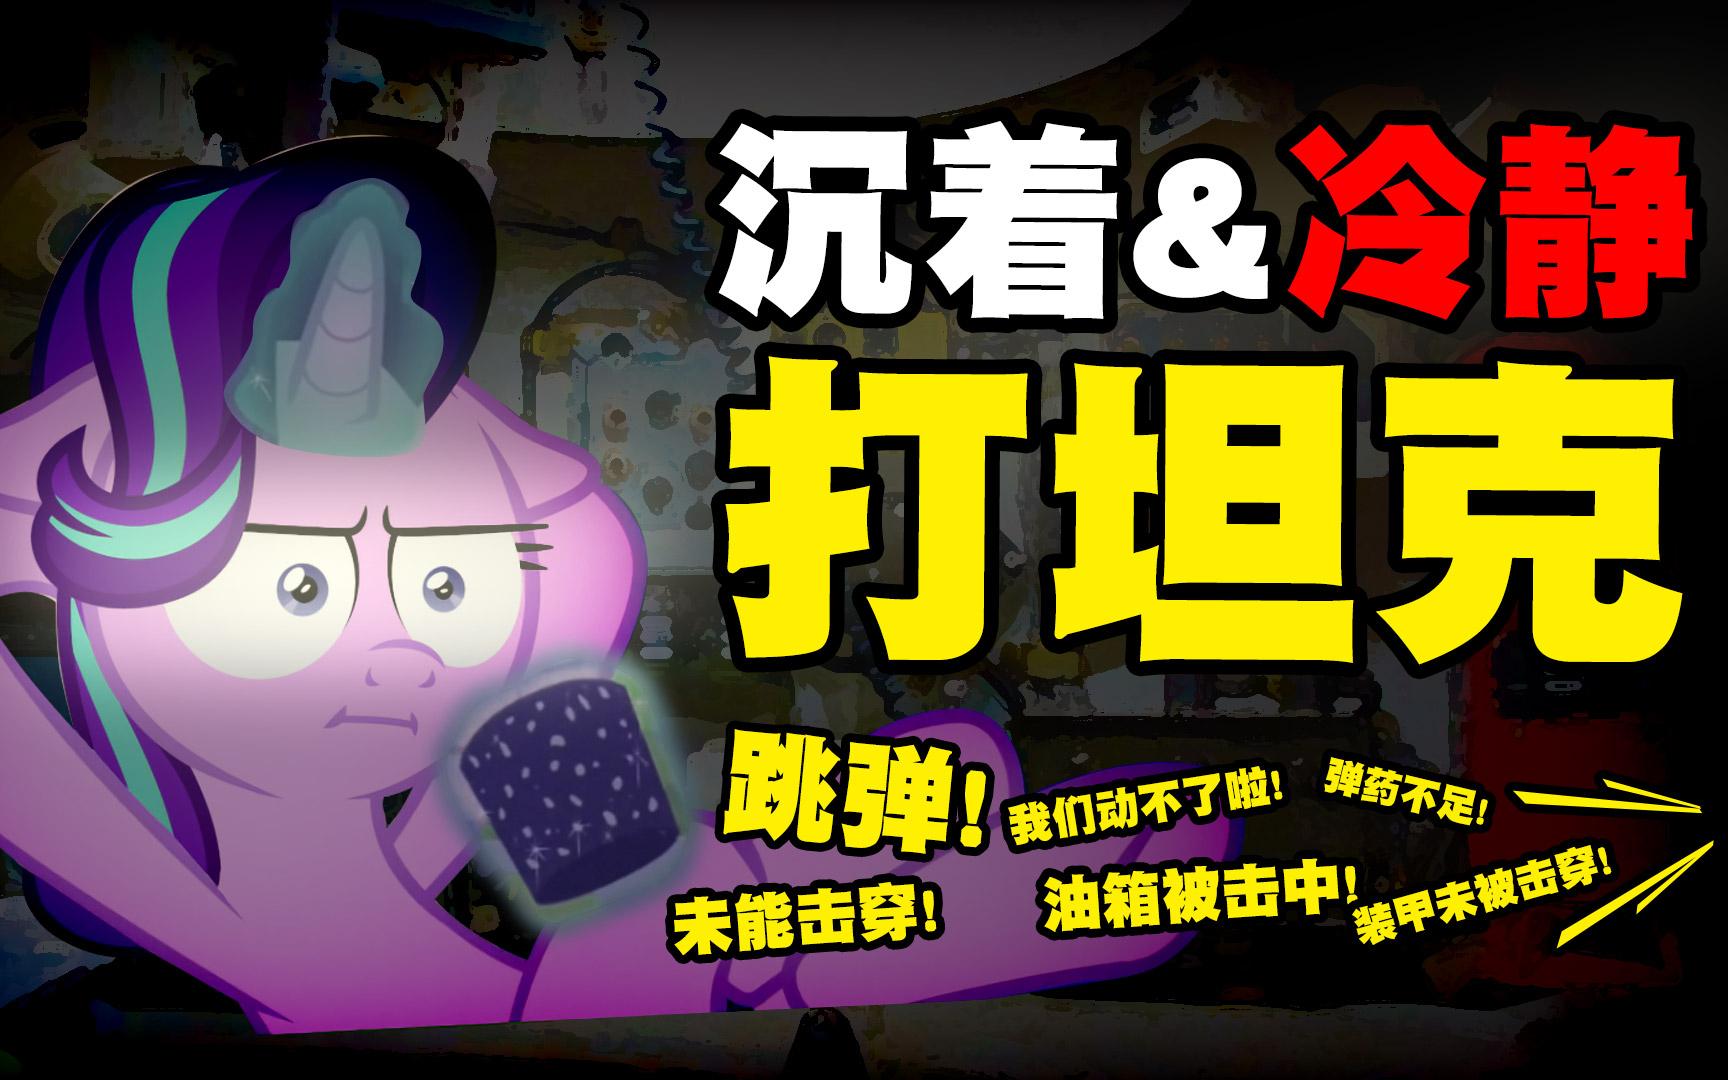 【再战:战争领主】劳动节也要坦克吃鸡